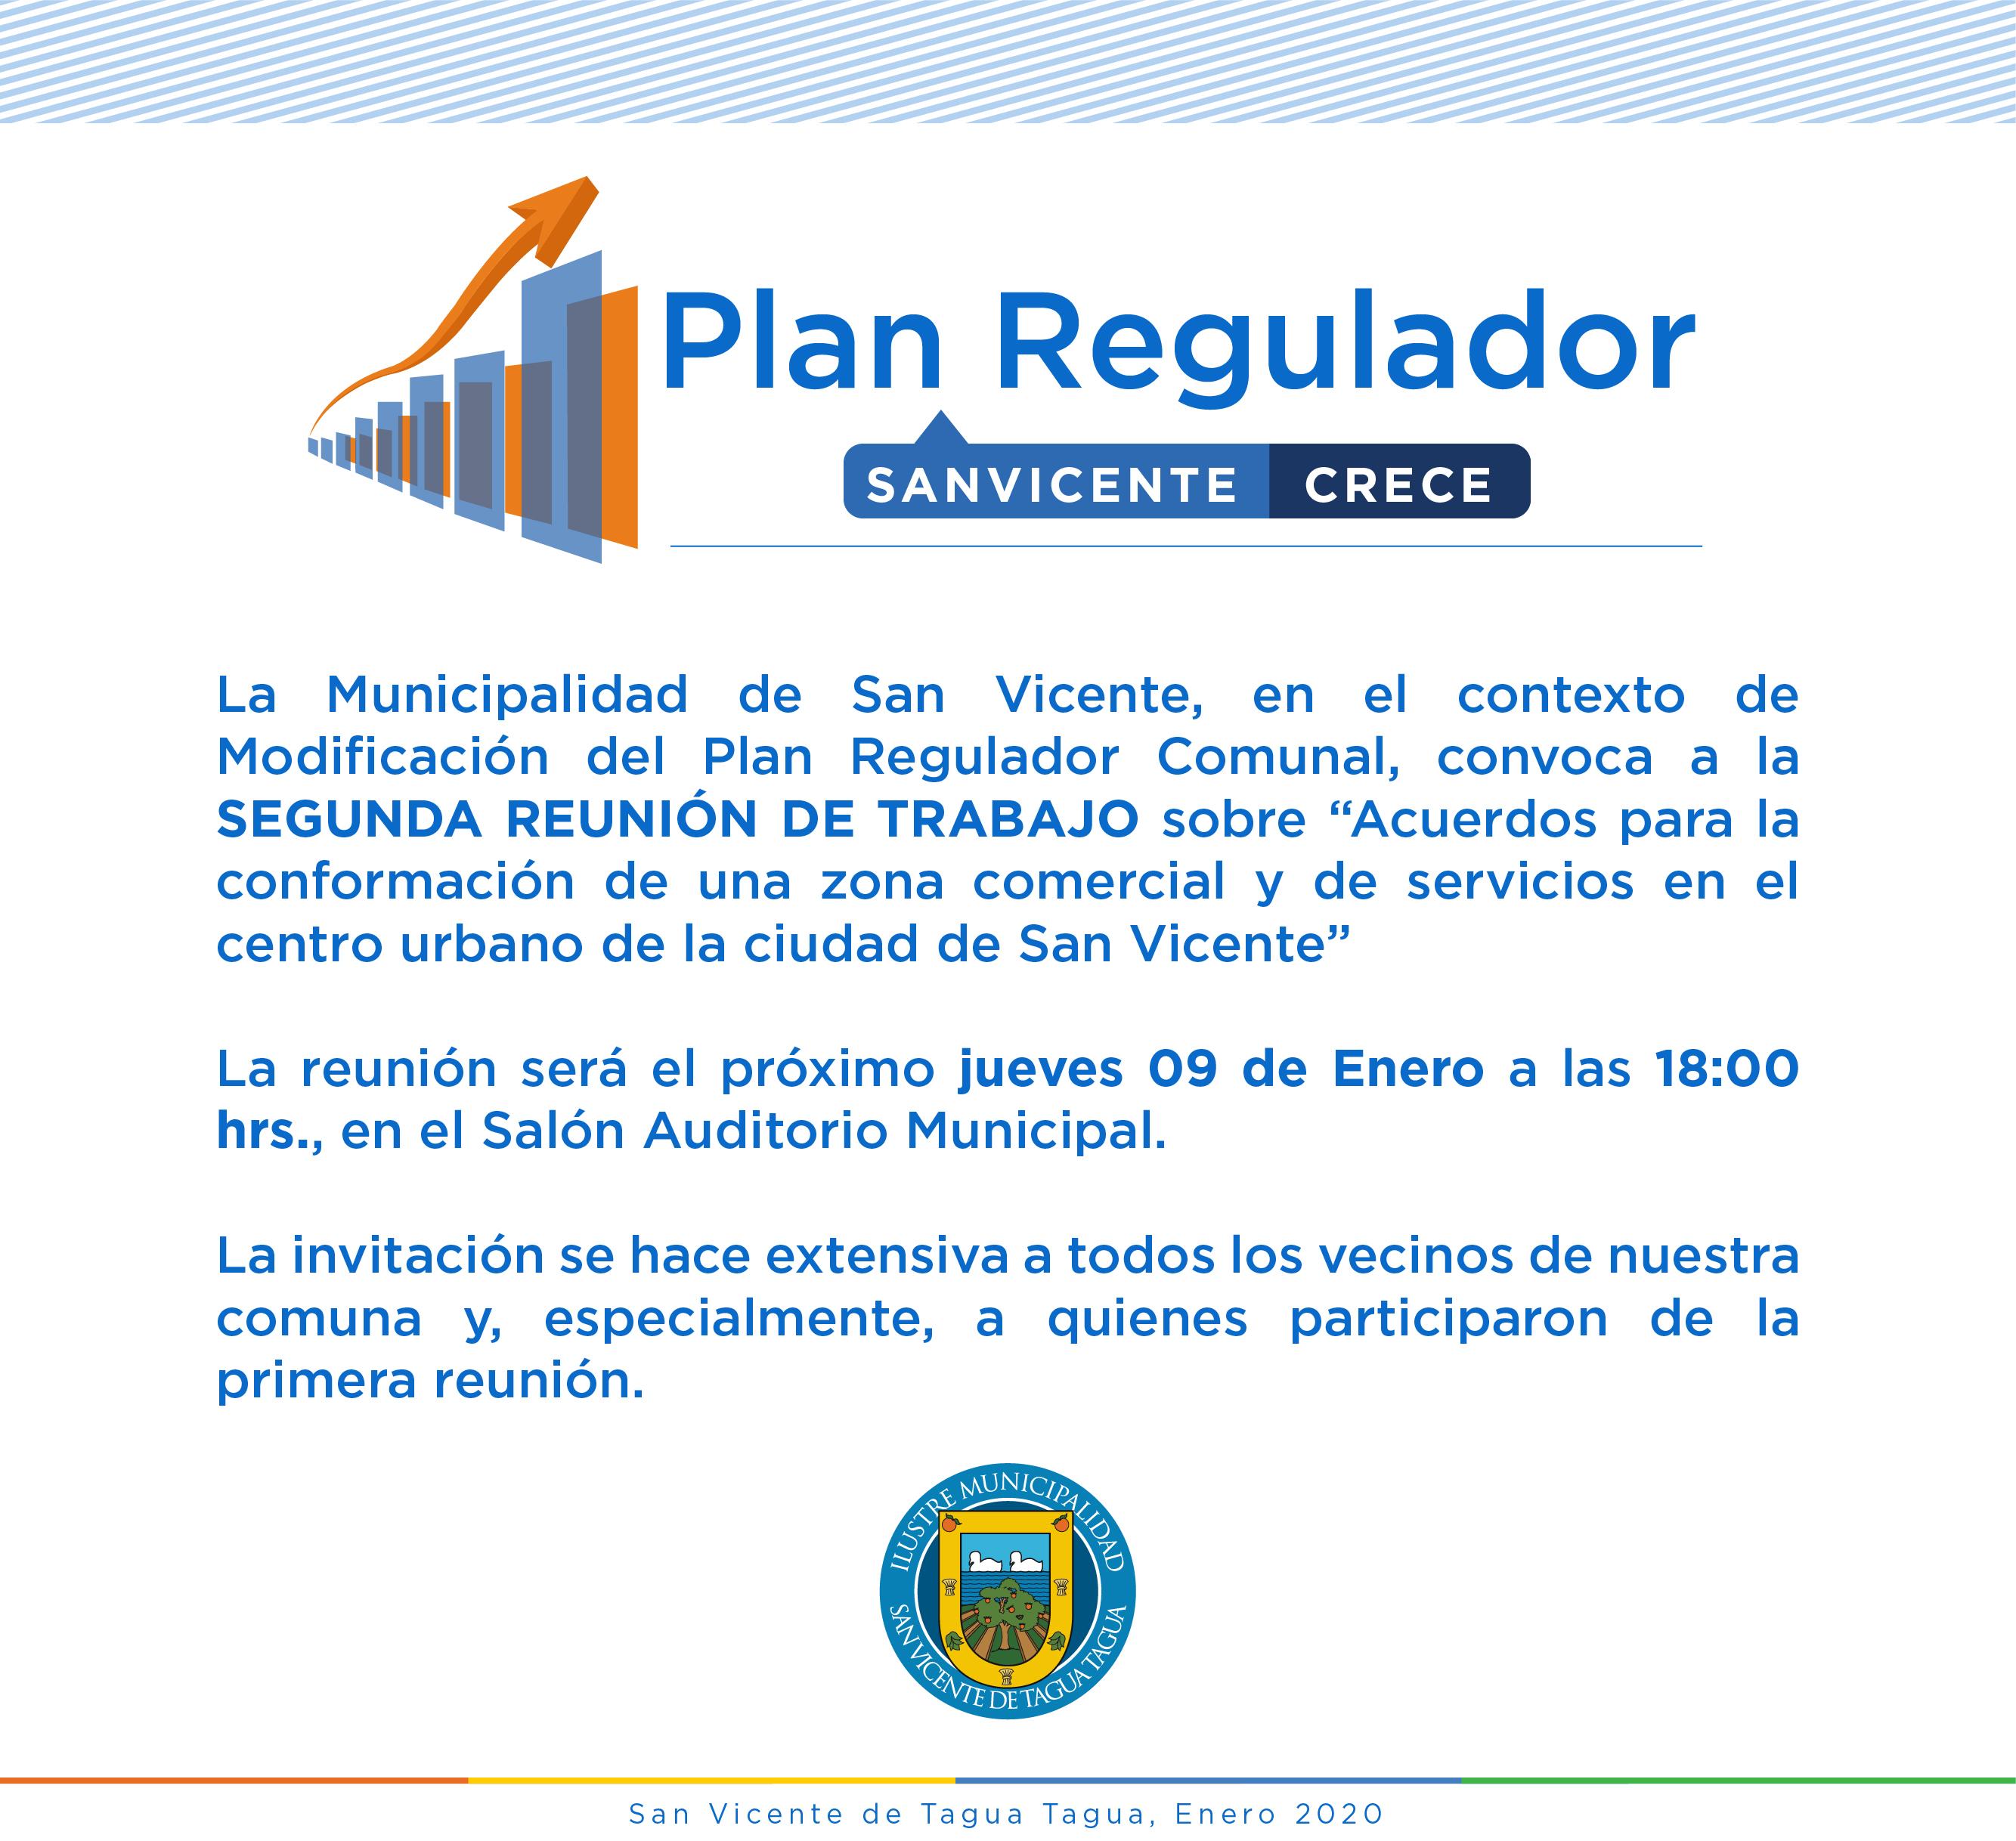 SEGUNDA REUNIÓN DE TRABAJO PLAN REGULADOR COMUNAL